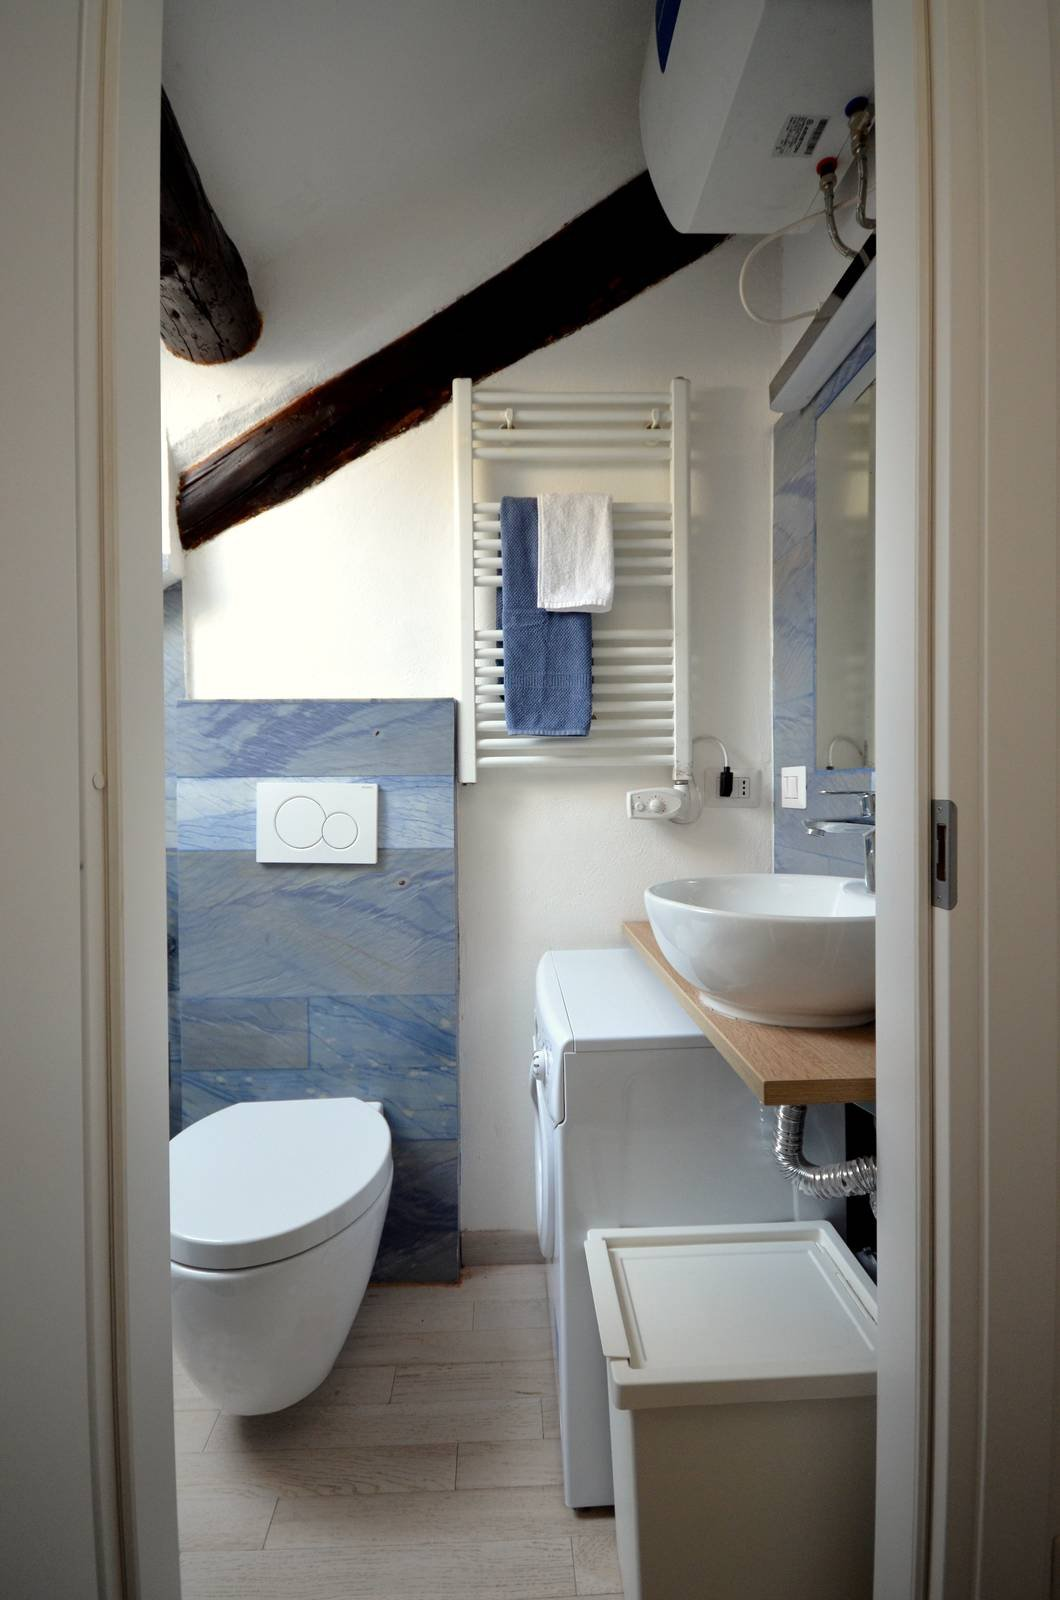 Soluzioni per un bagno piccolo piccolo cose di casa for Bagno piccolo con vasca